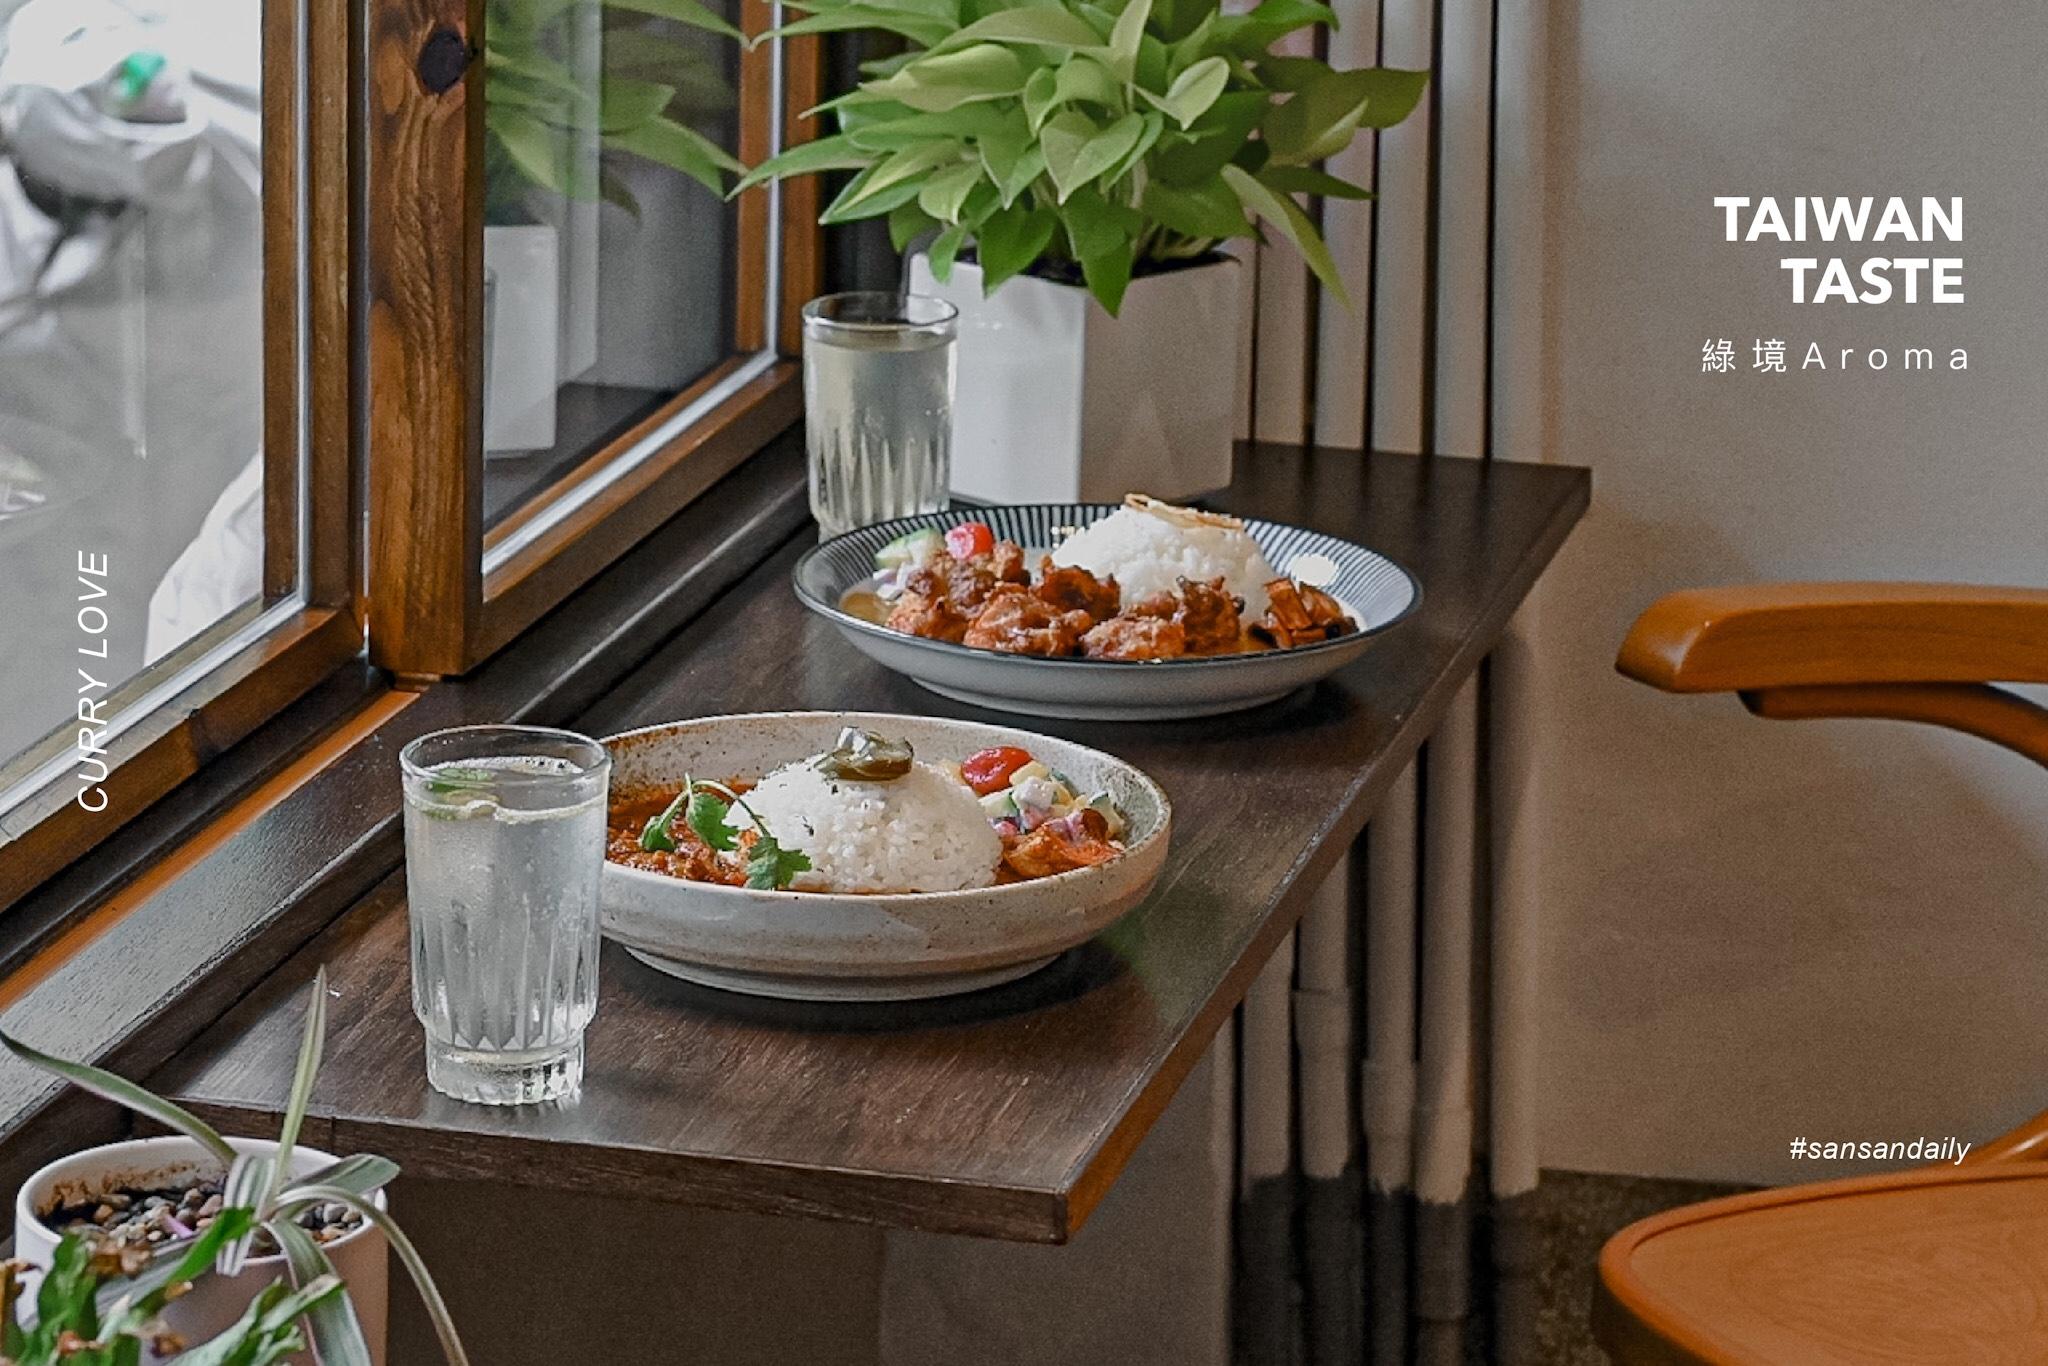 新開幕【綠境Aroma】來坐坐吧!與香料的初相遇 巷弄裡的隱味食堂 圓山站附近香料主題餐廳|sansan吃台北